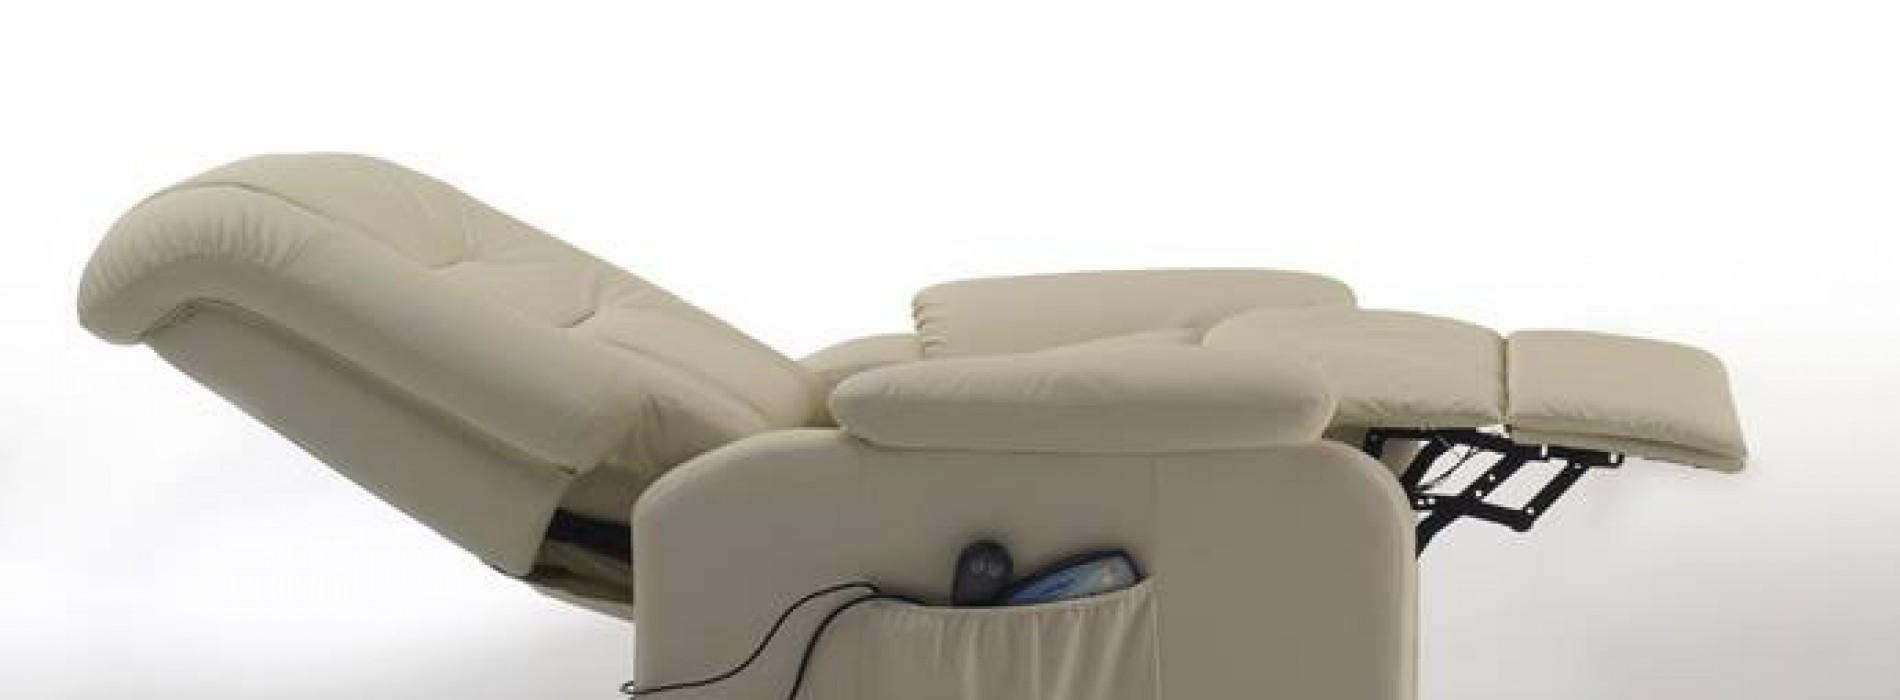 Poltrone elevabili elettriche per anziani e disabili - Ortopedie ...